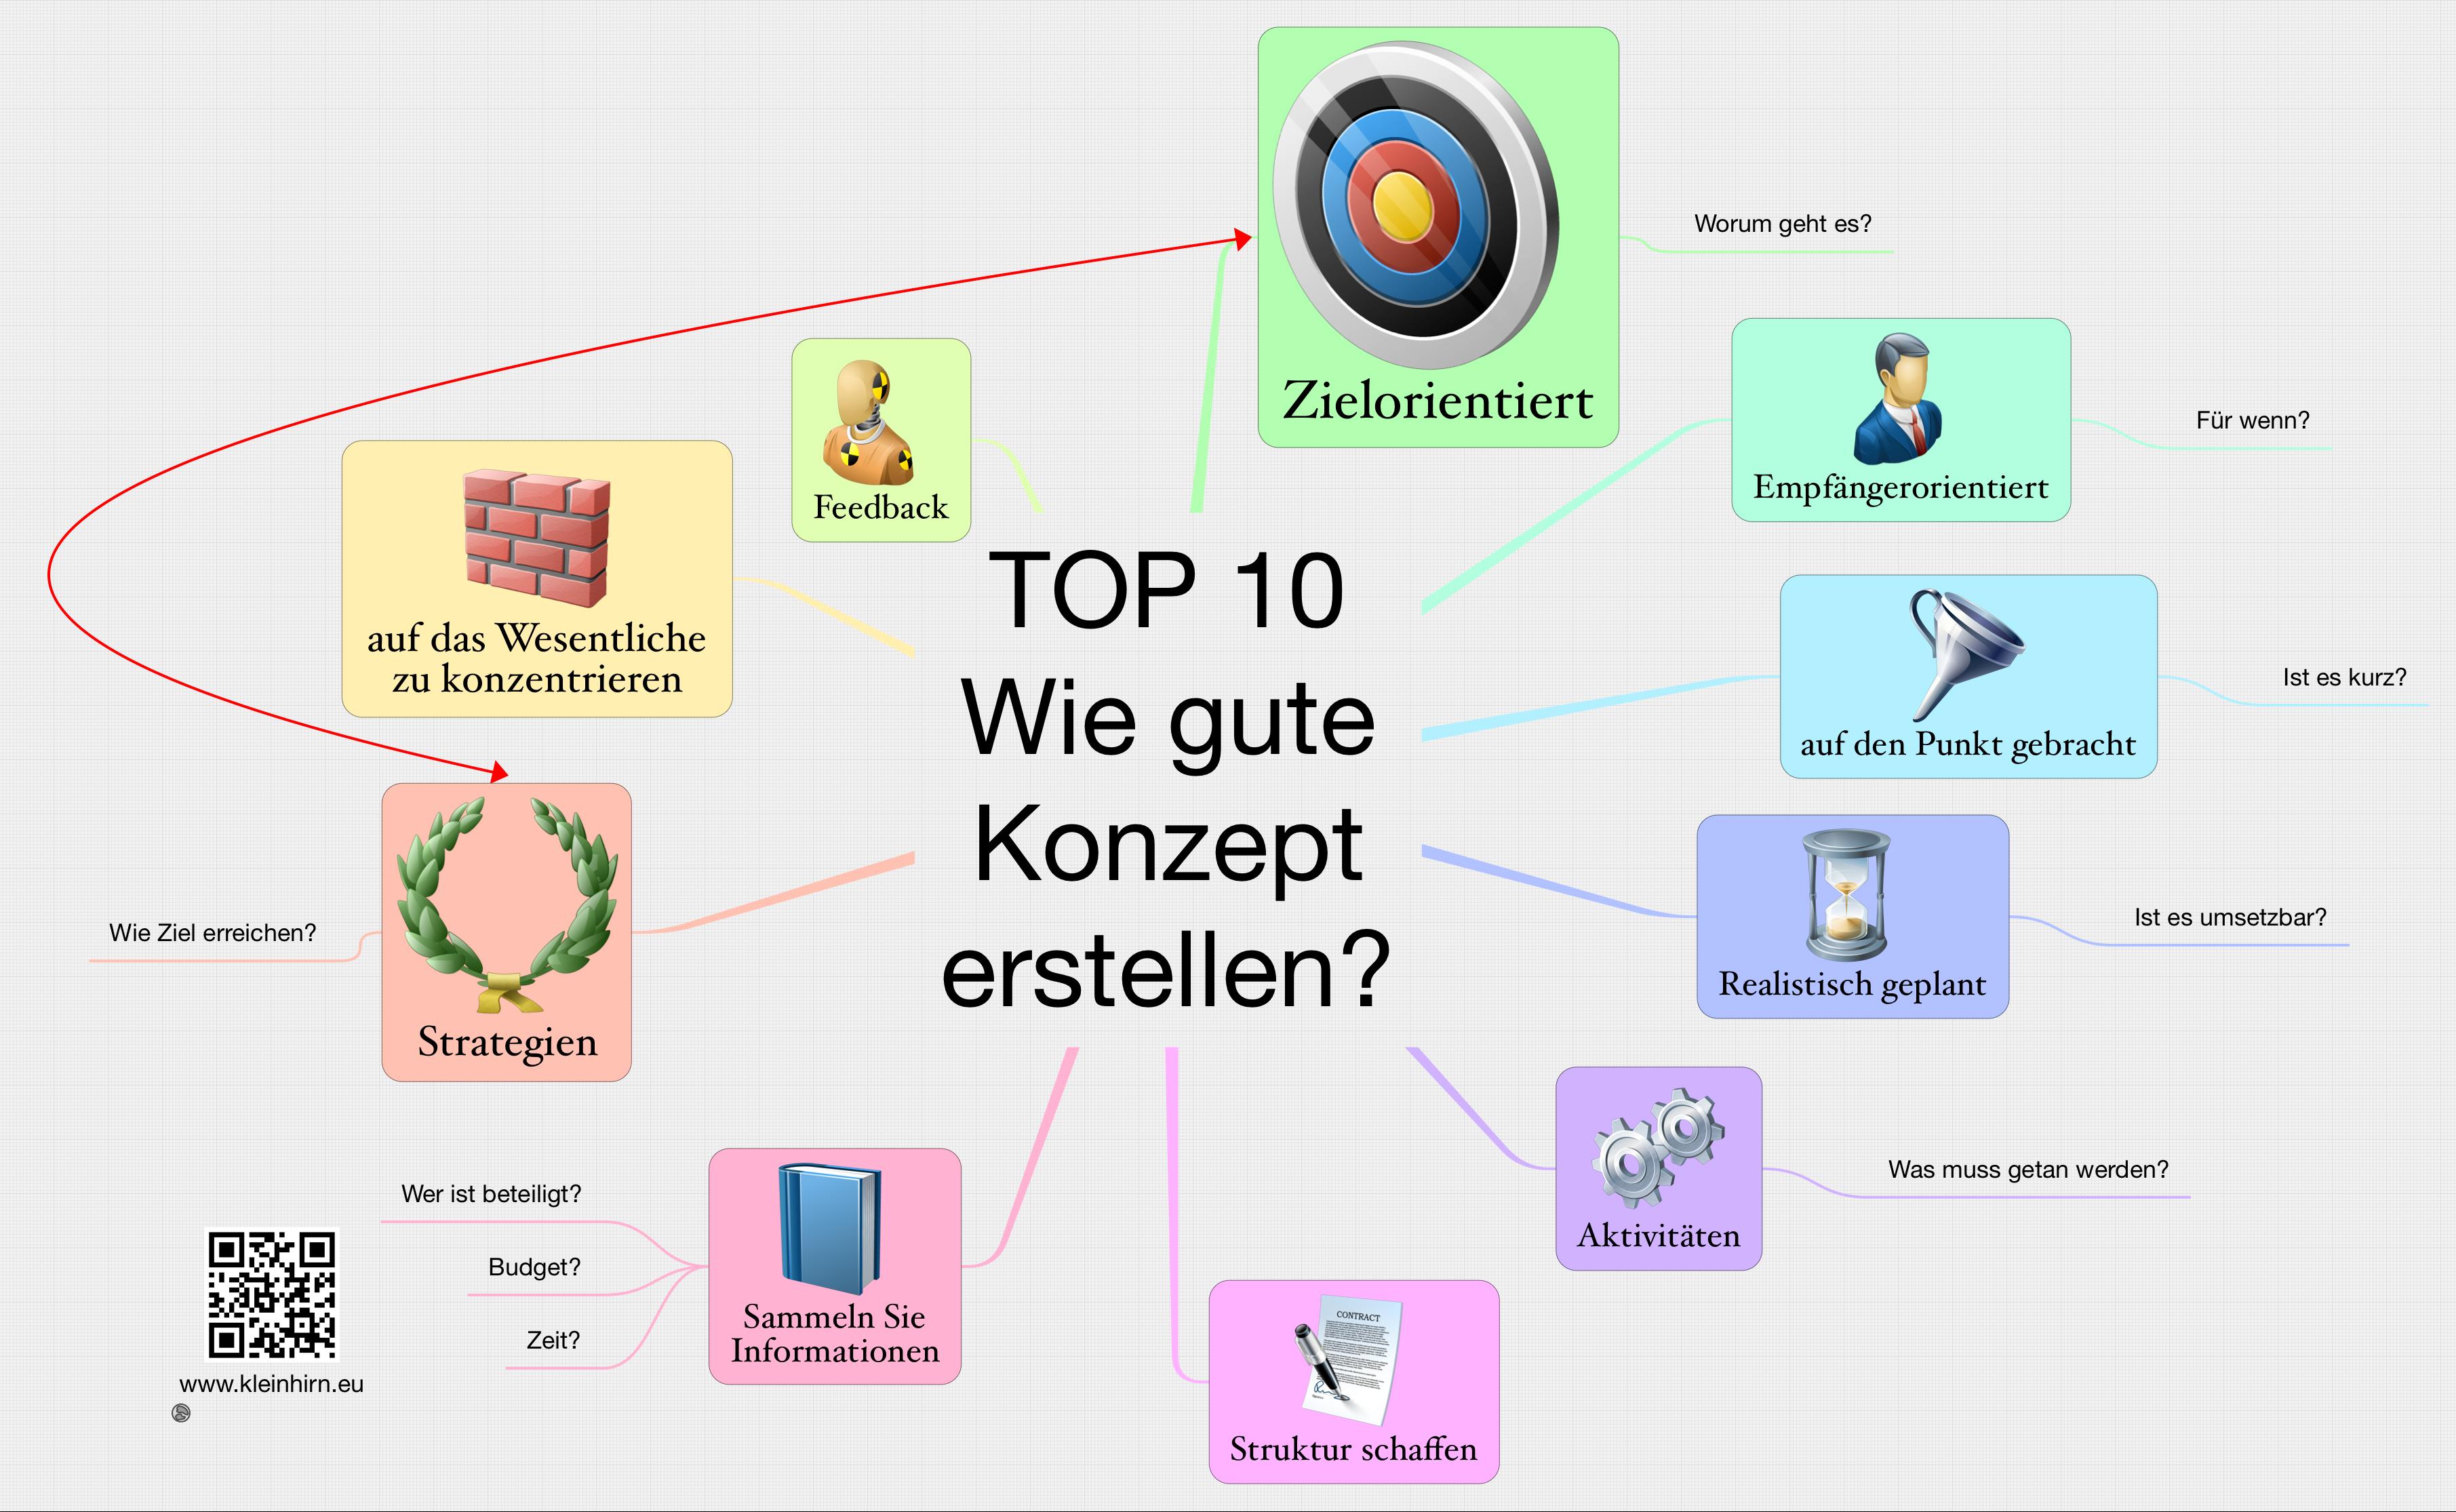 TOP 10 Wie gute Konzept erstellen? - Das Kleinhirn (lat